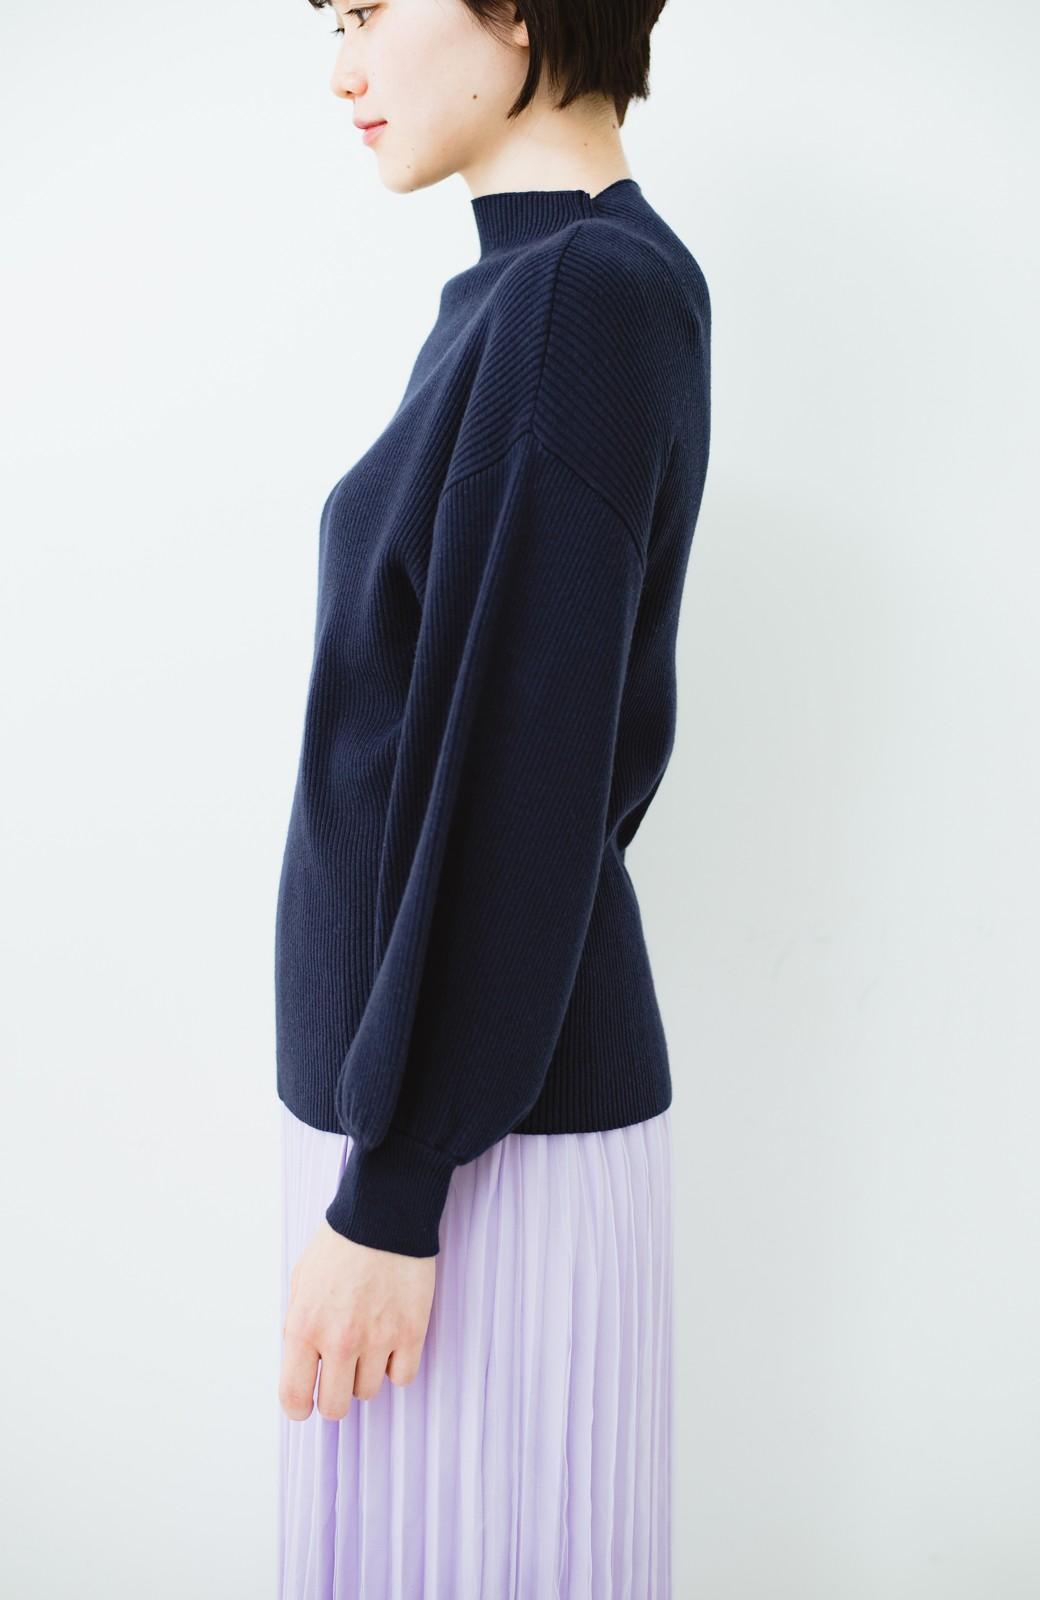 haco! シルク混素材のぷっくり袖リブニット <ネイビー>の商品写真14